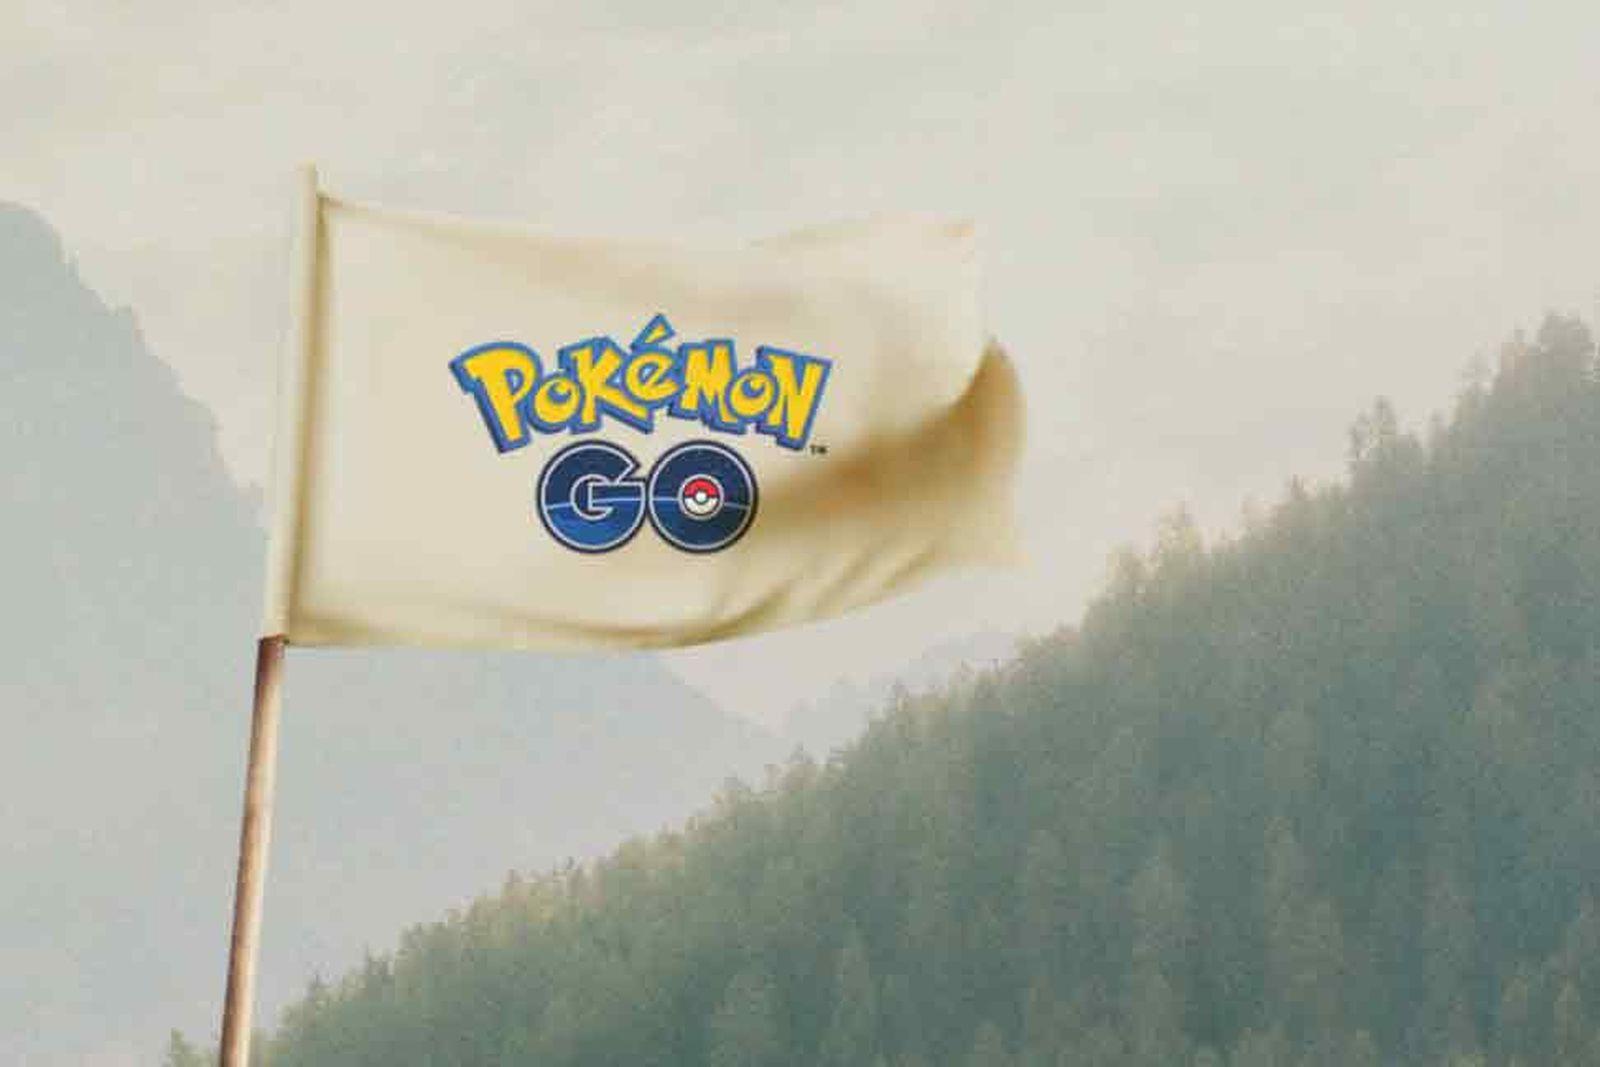 the-north-face-gucci-pokemon-go-man